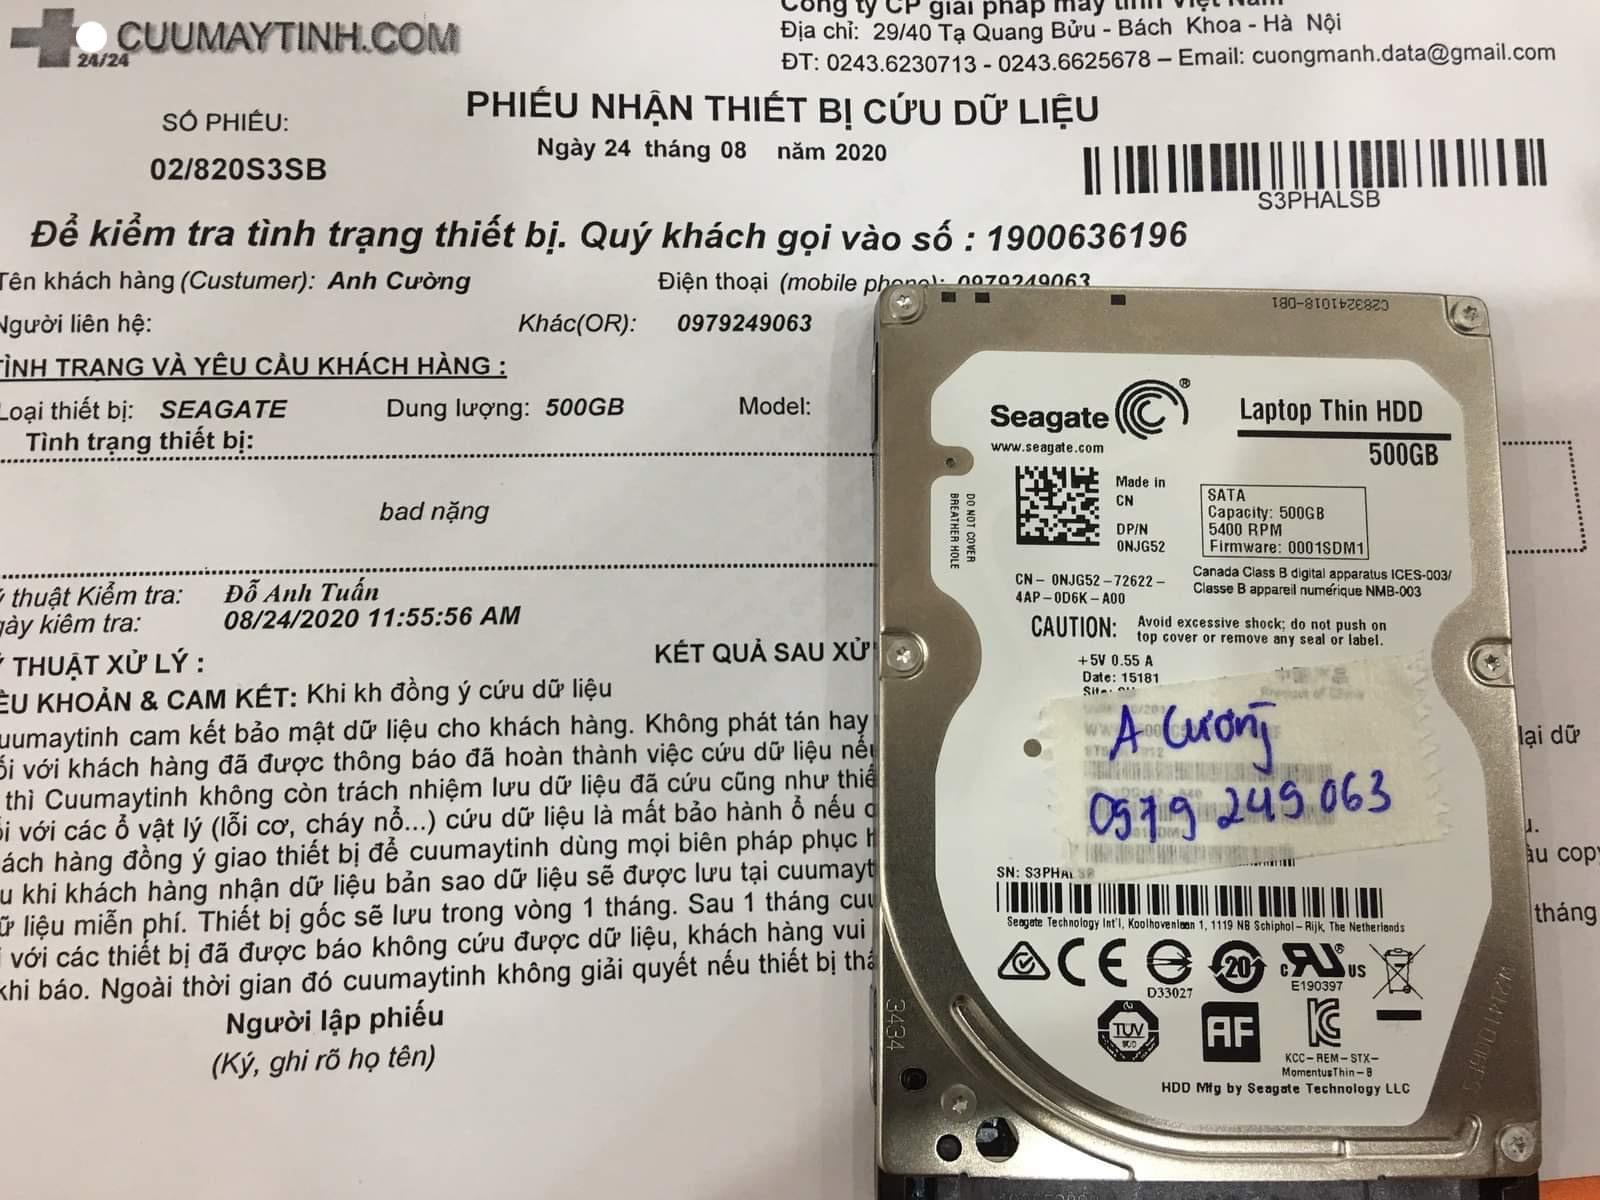 Khôi phục dữ liệu ổ cứng Seagate 500GB bad 24/08/2020 - cuumaytinh